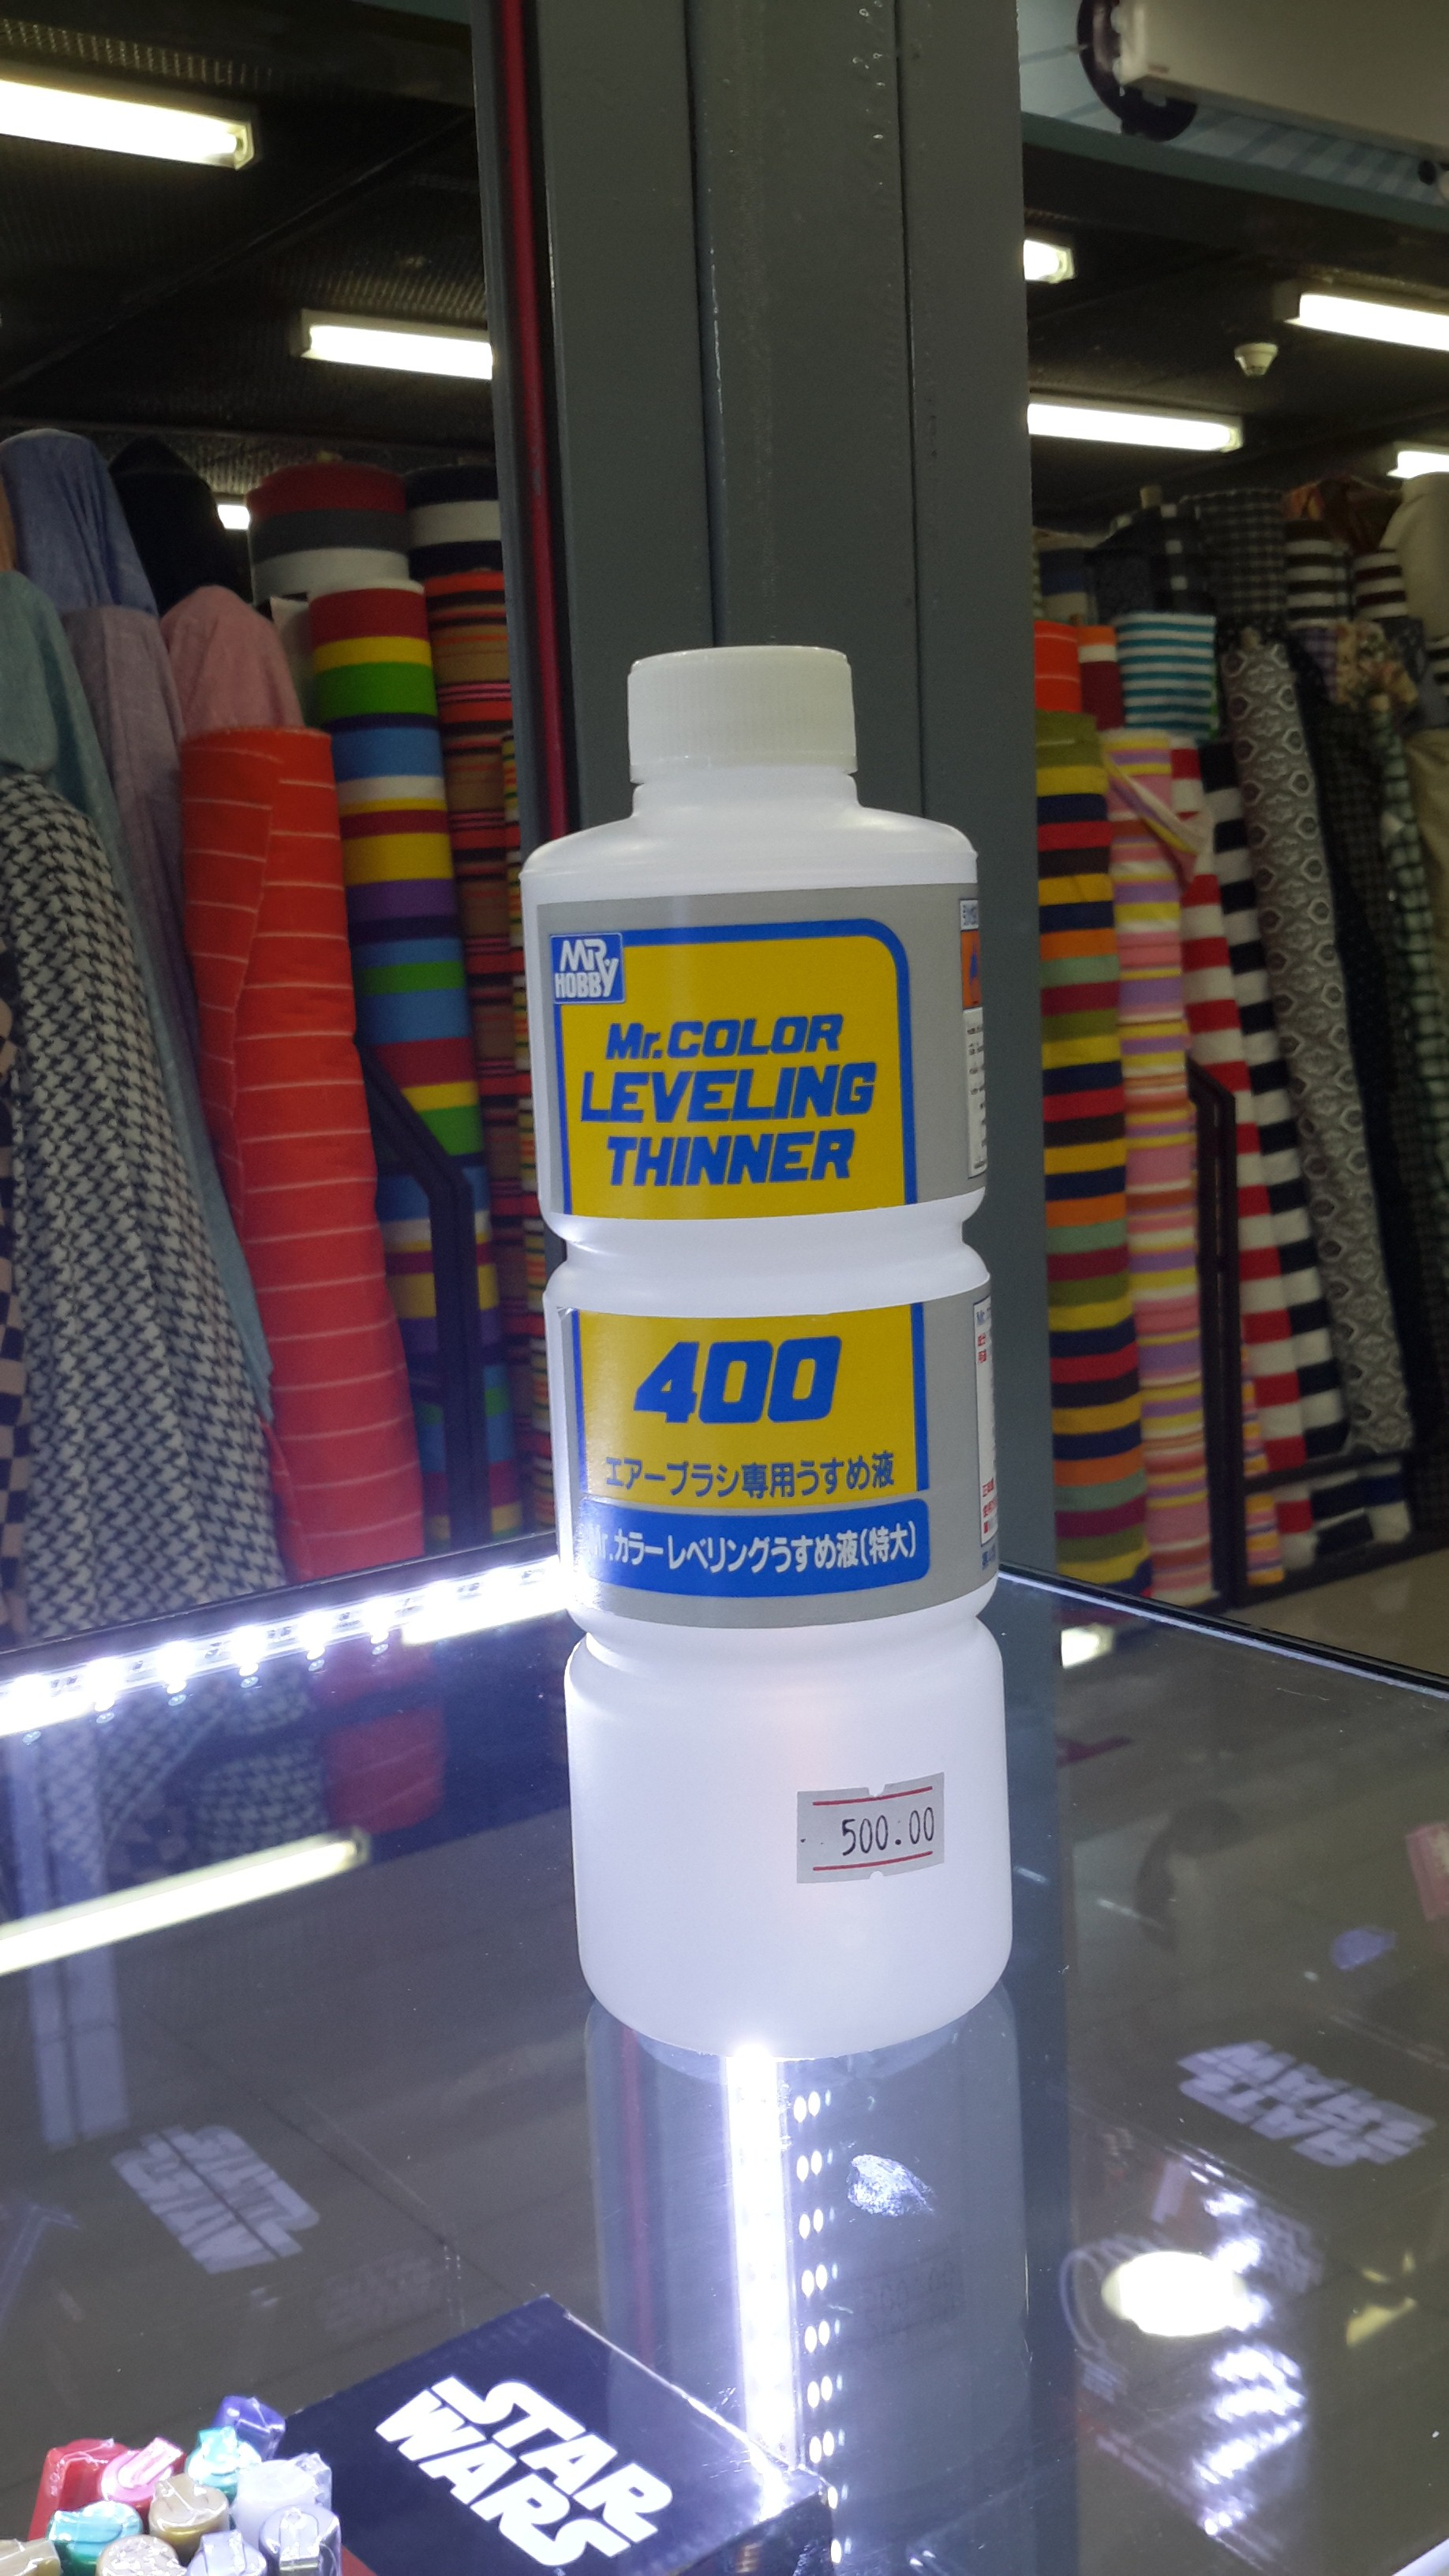 Mr.Color Leveling Thinner สลากสีเหลือง เป็นทินเนอร์สูตรแห้งช้า ใช้ทำงานกับสีที่มันวาว